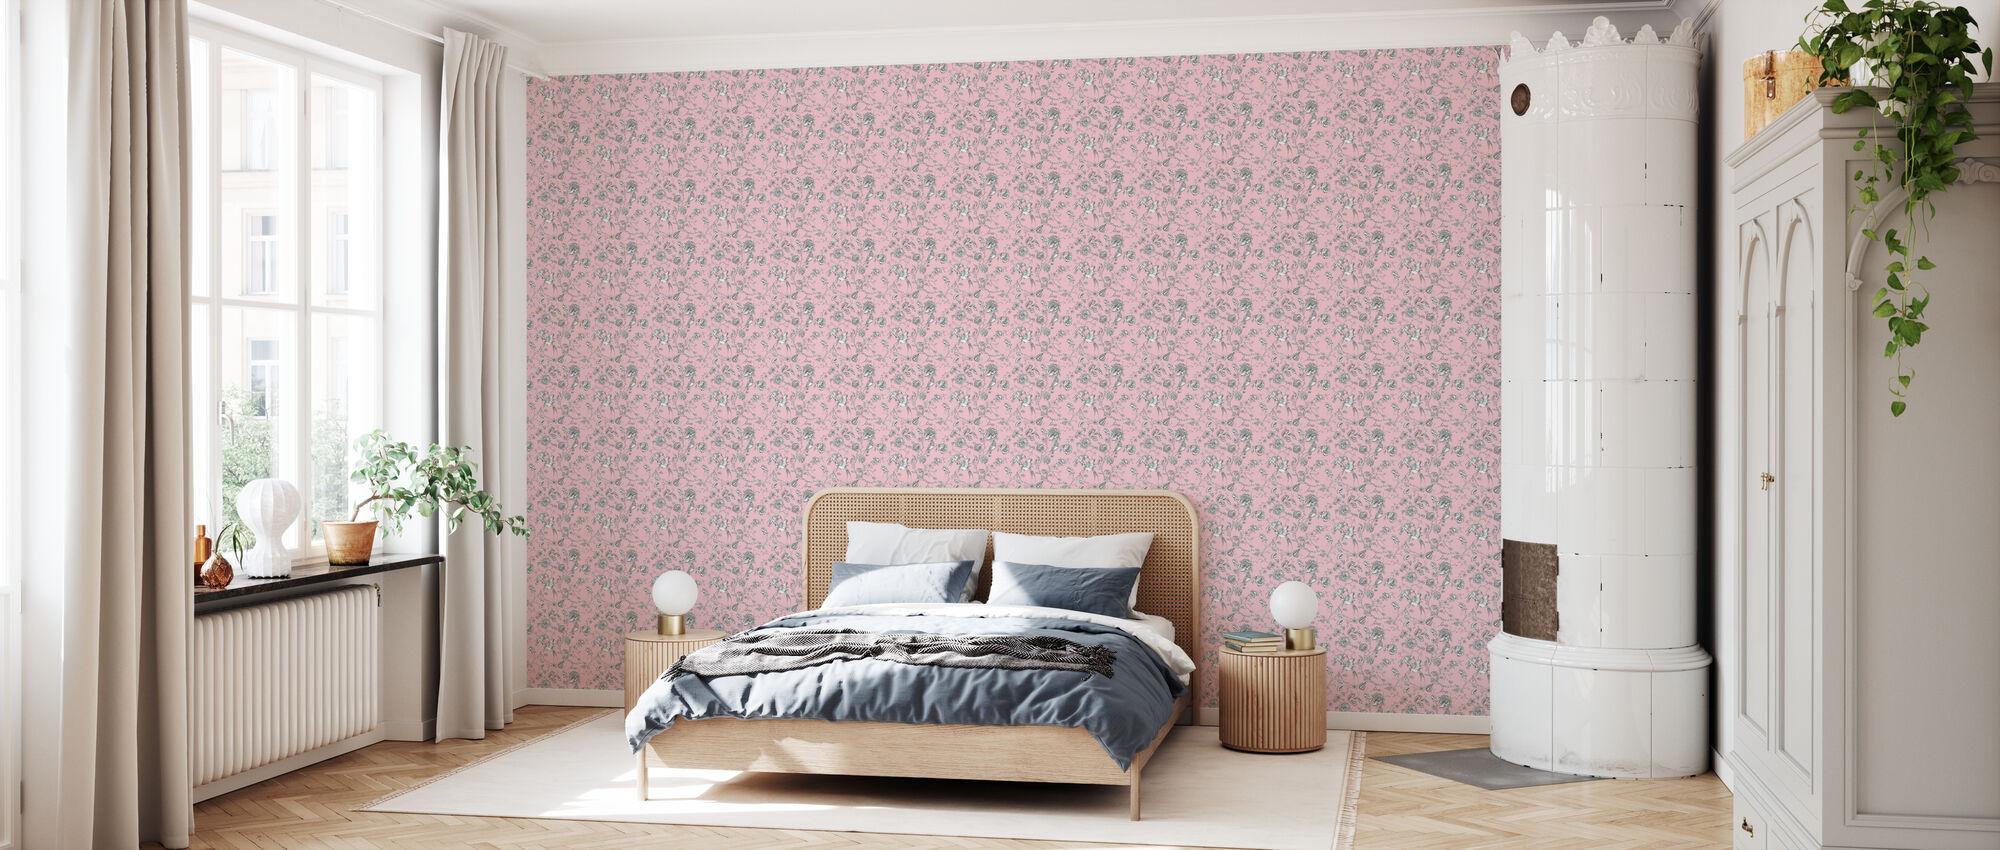 Hummingbird Pink - Wallpaper - Bedroom